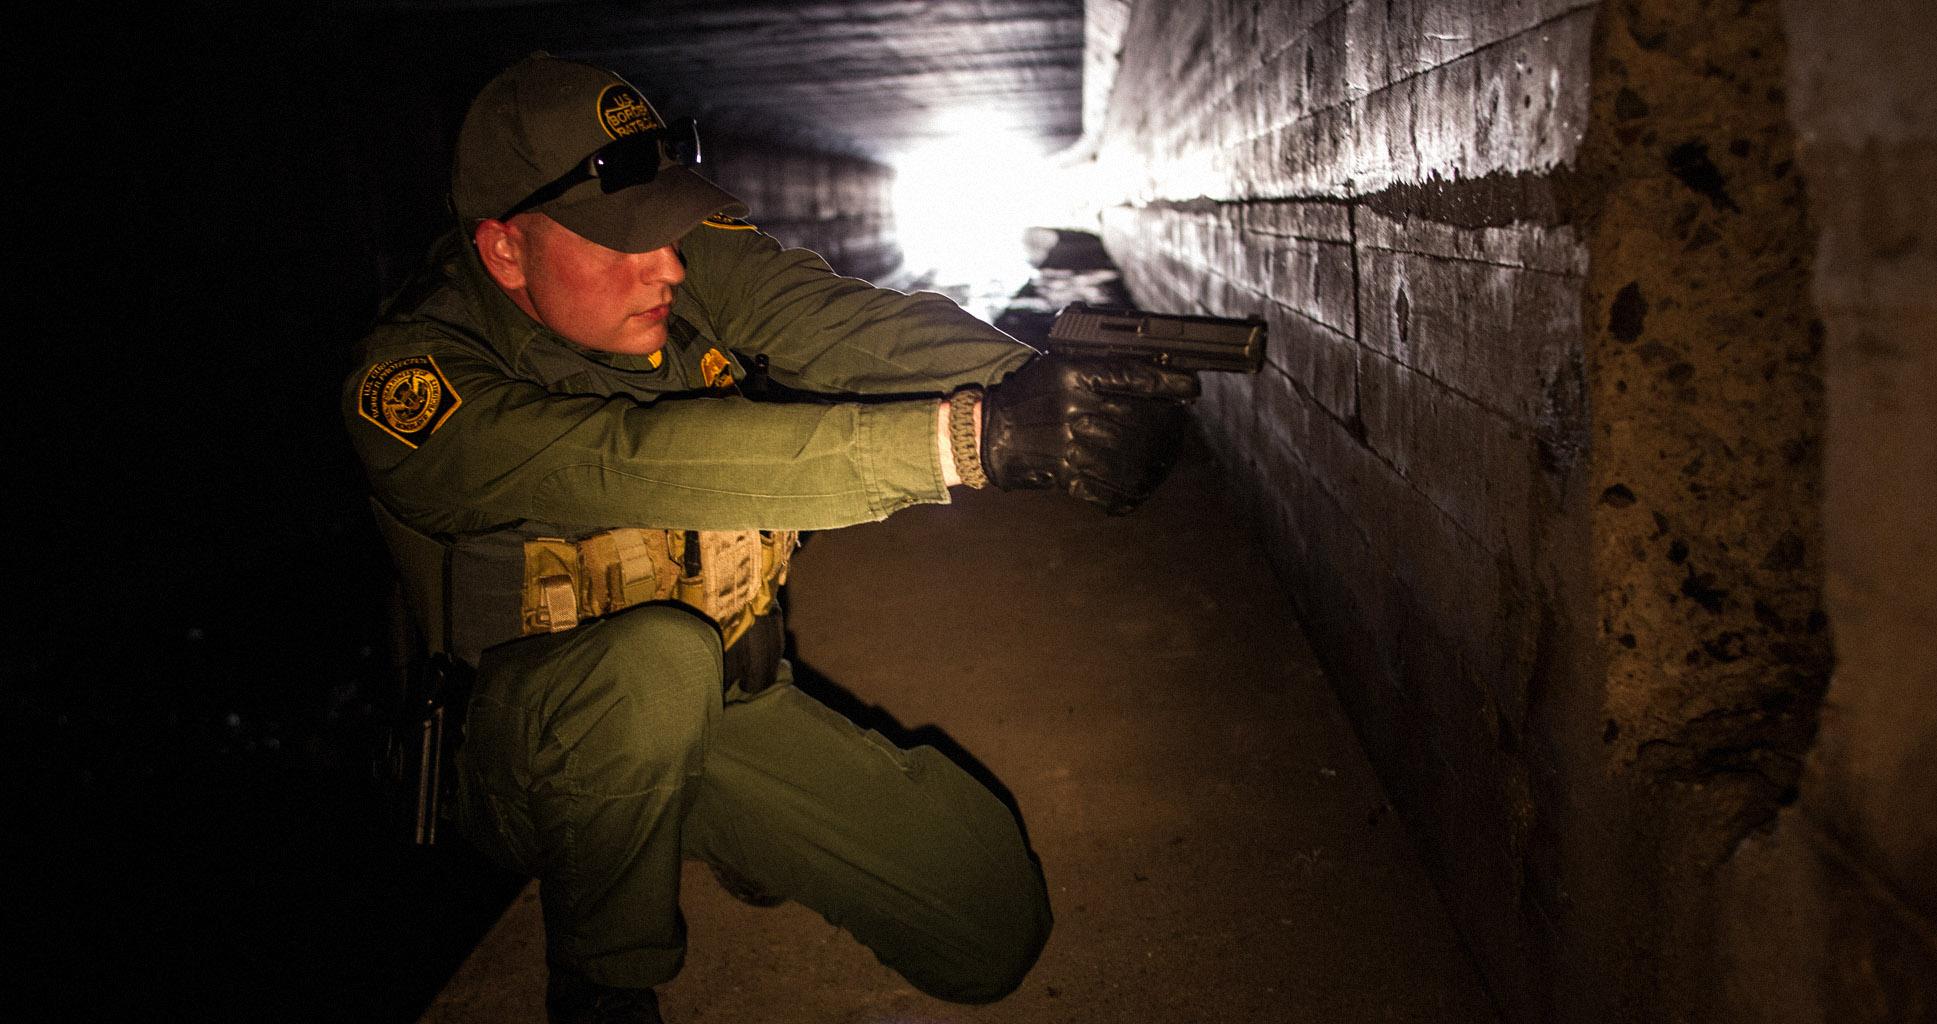 Dans les tunnels de Nogales, sur les traces du film Sicario